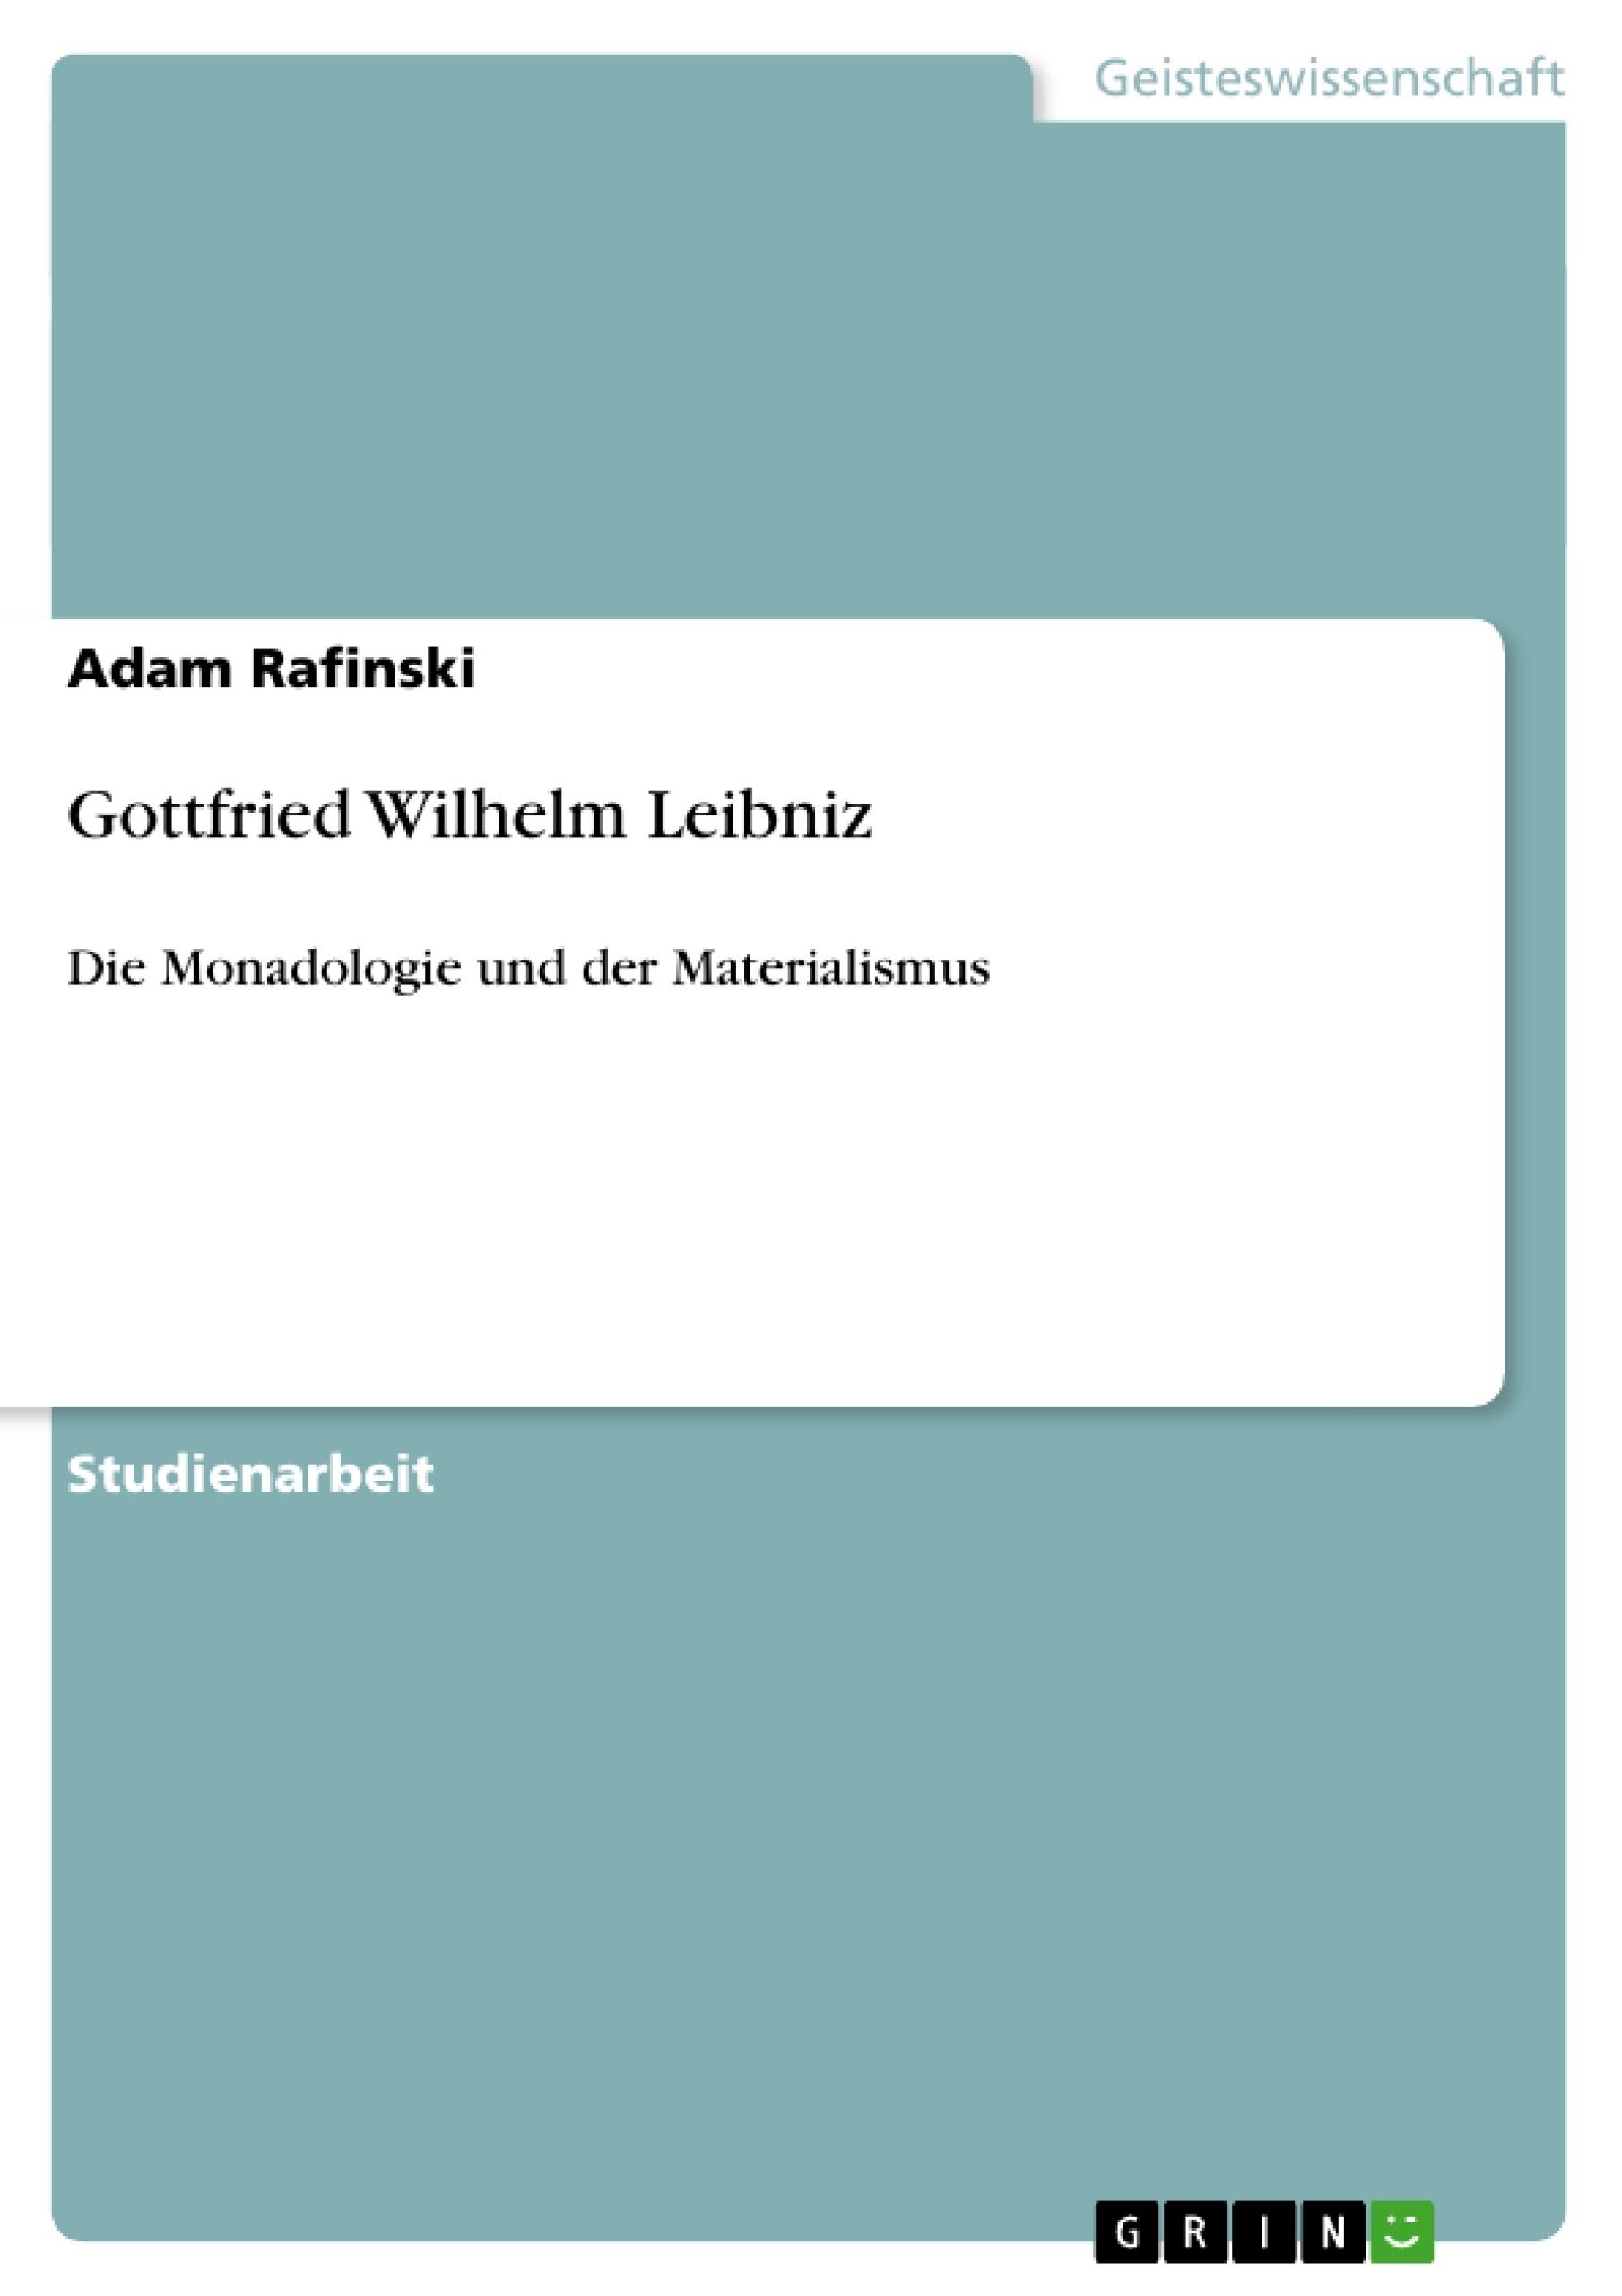 Titel: Gottfried Wilhelm Leibniz